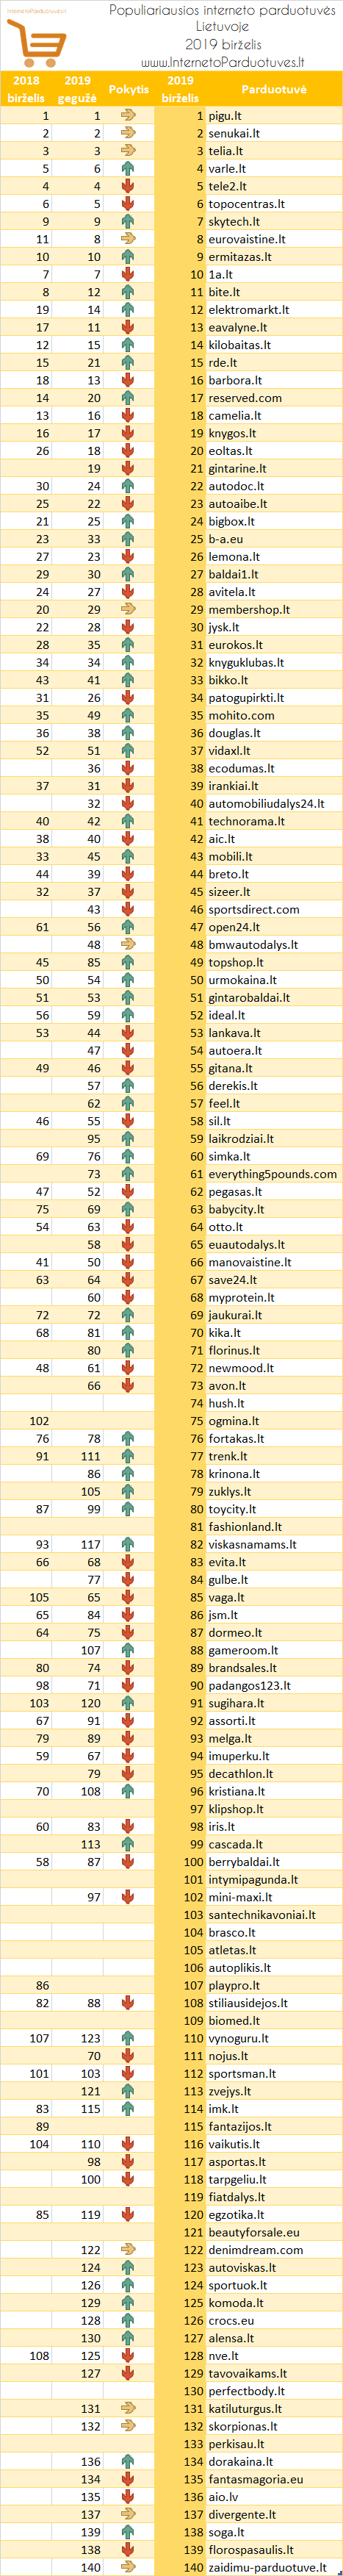 Populiariausių elektroninių parduotuvių Lietuvoje 2019 m. birželio mėn. reitingas